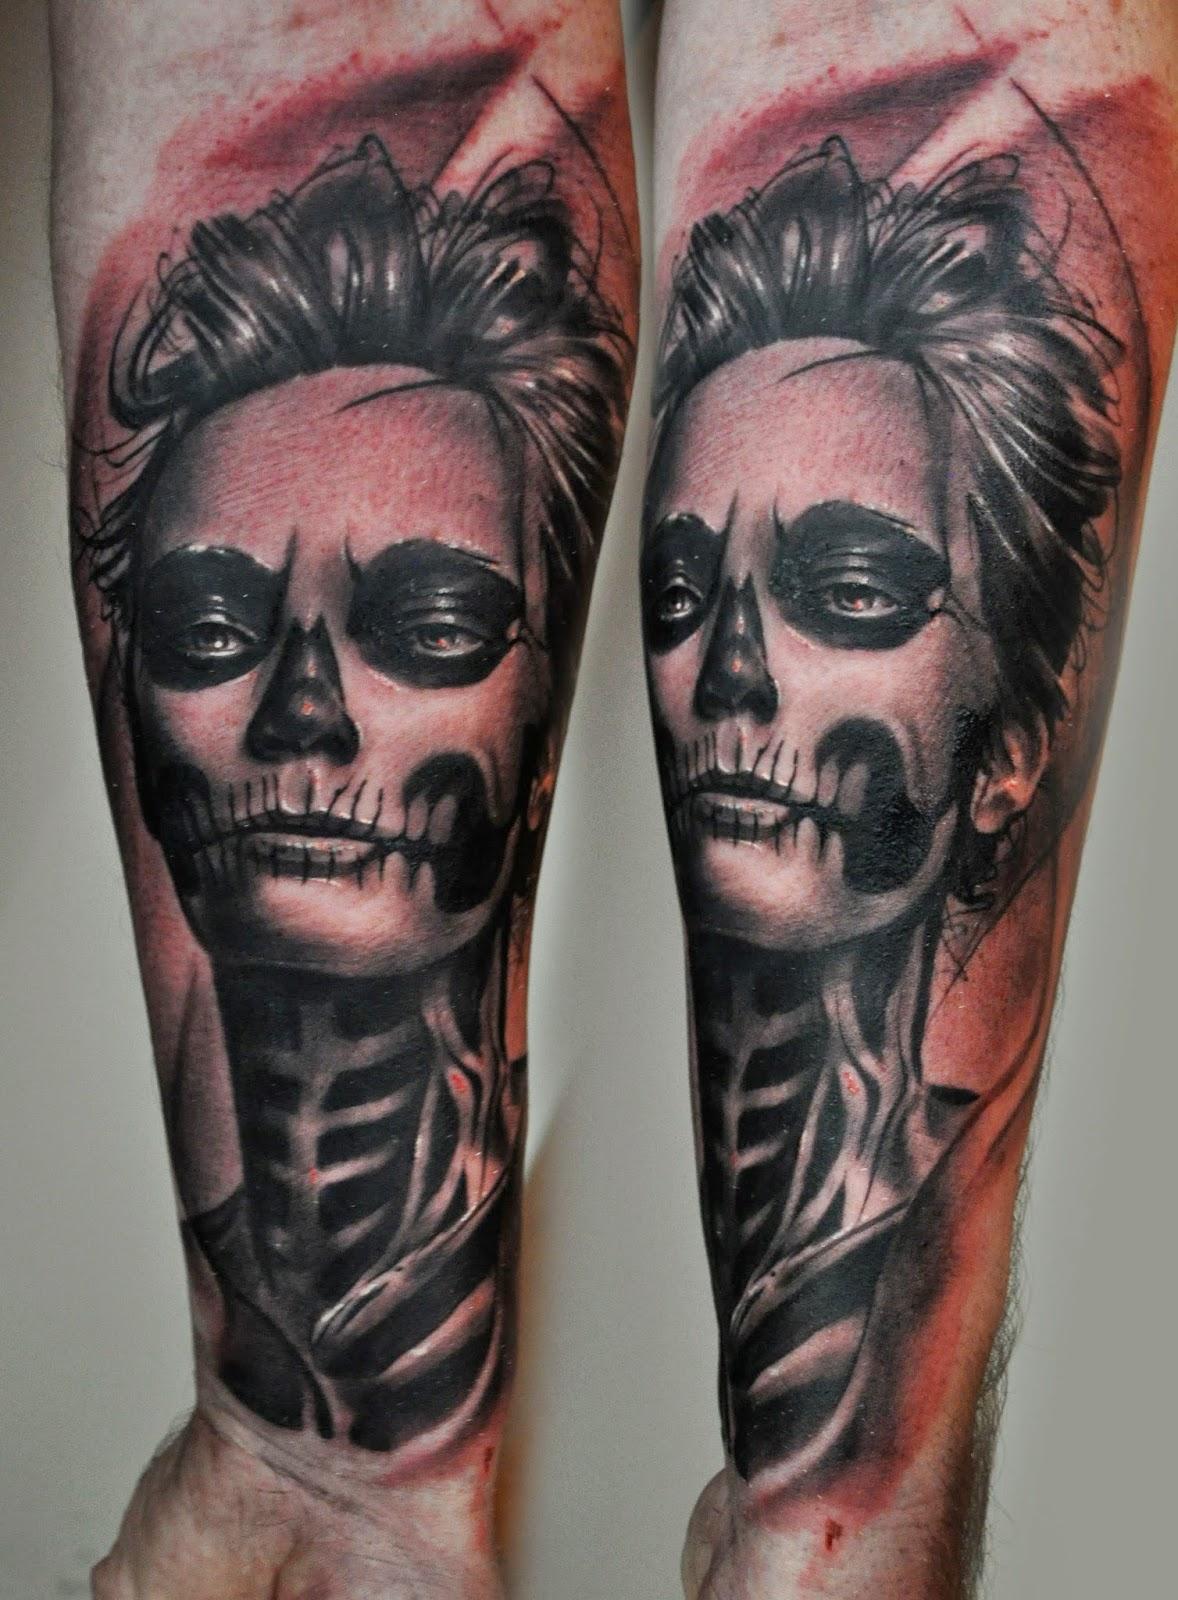 Krótko I Konkretnie Na Temat Tatuażu Ceny Tatuażu W Polsce Czy